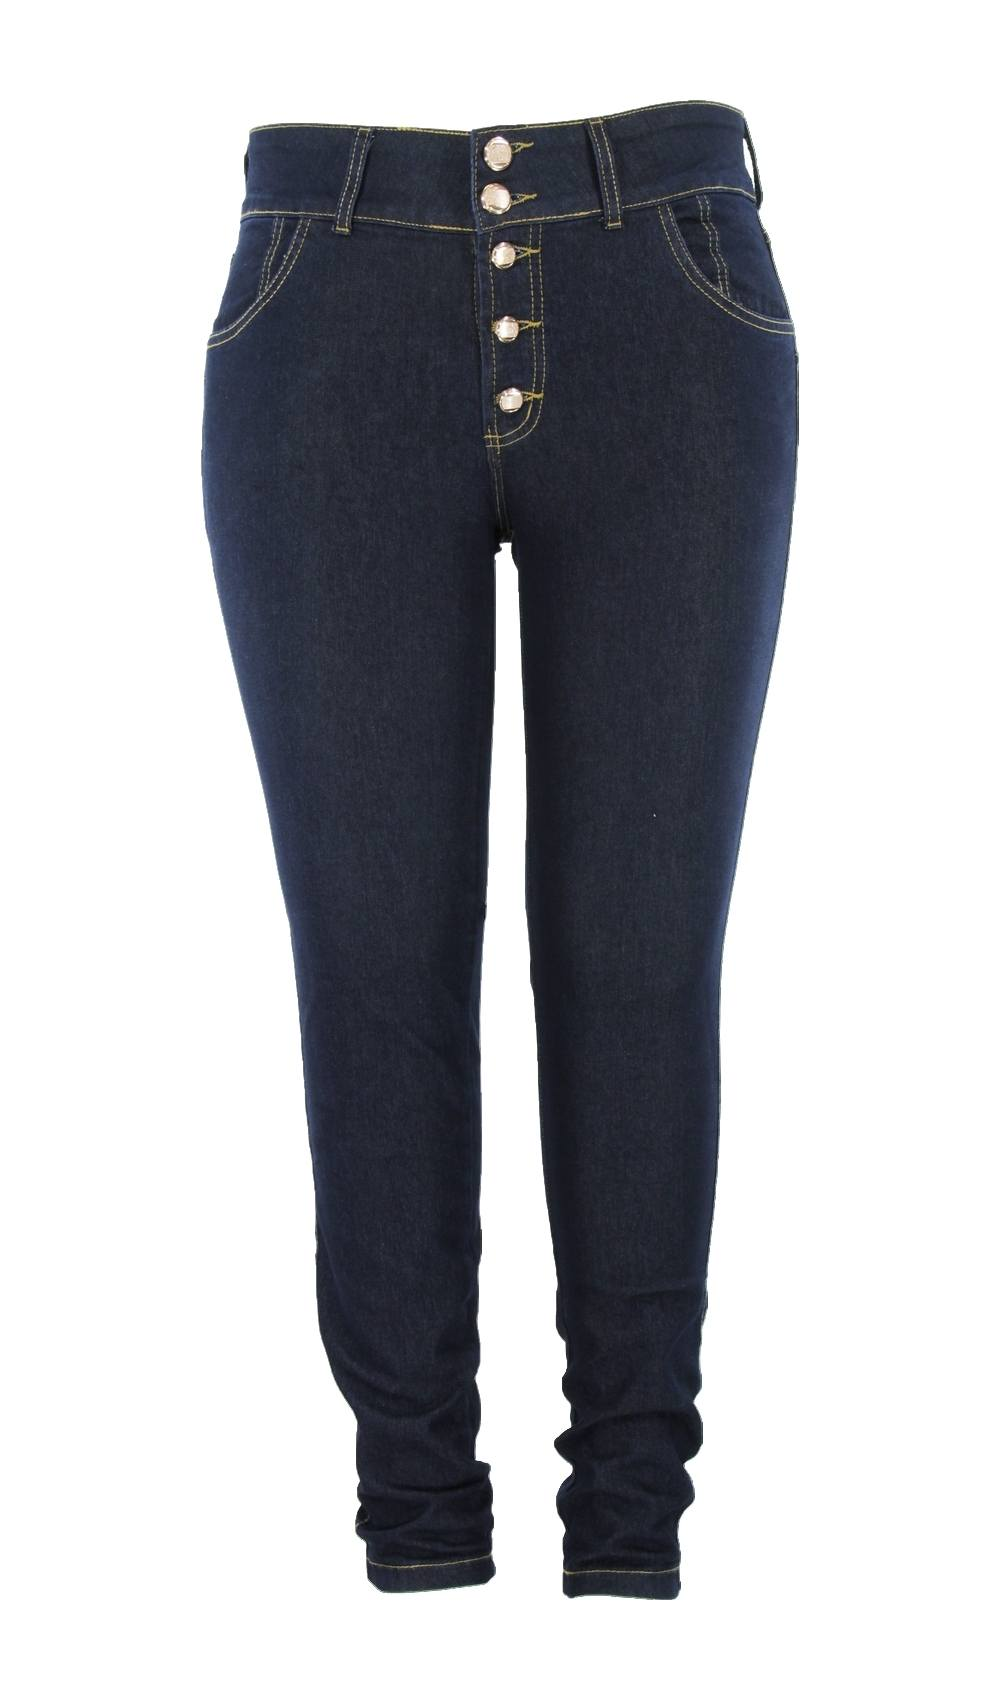 Calça Skinny Eruption Jeans [5611AMOC]